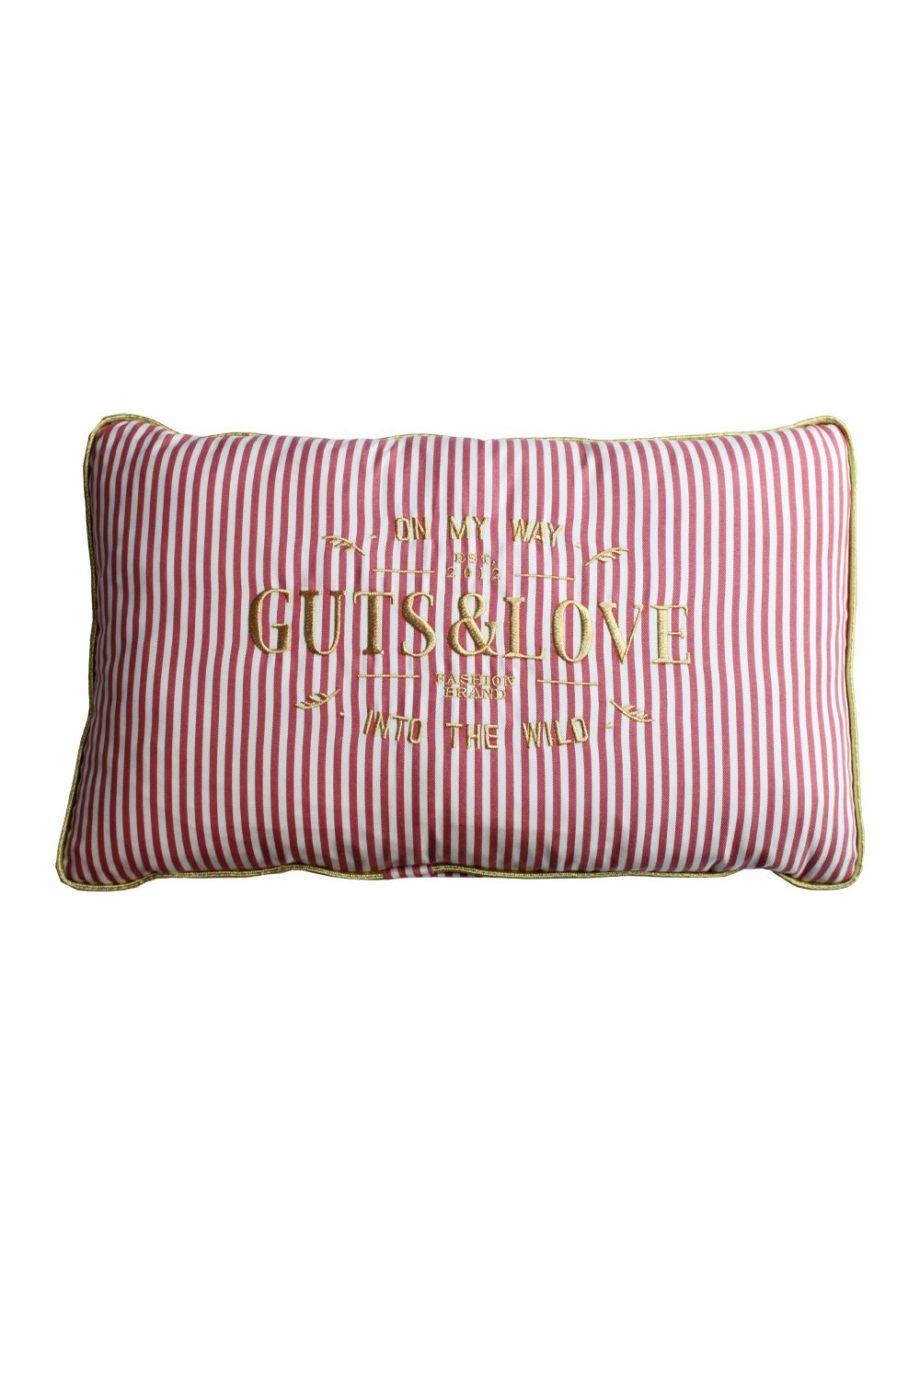 GUTS&LOVE G&L Stripes Cushion SMALL Rojo (65 x 42)